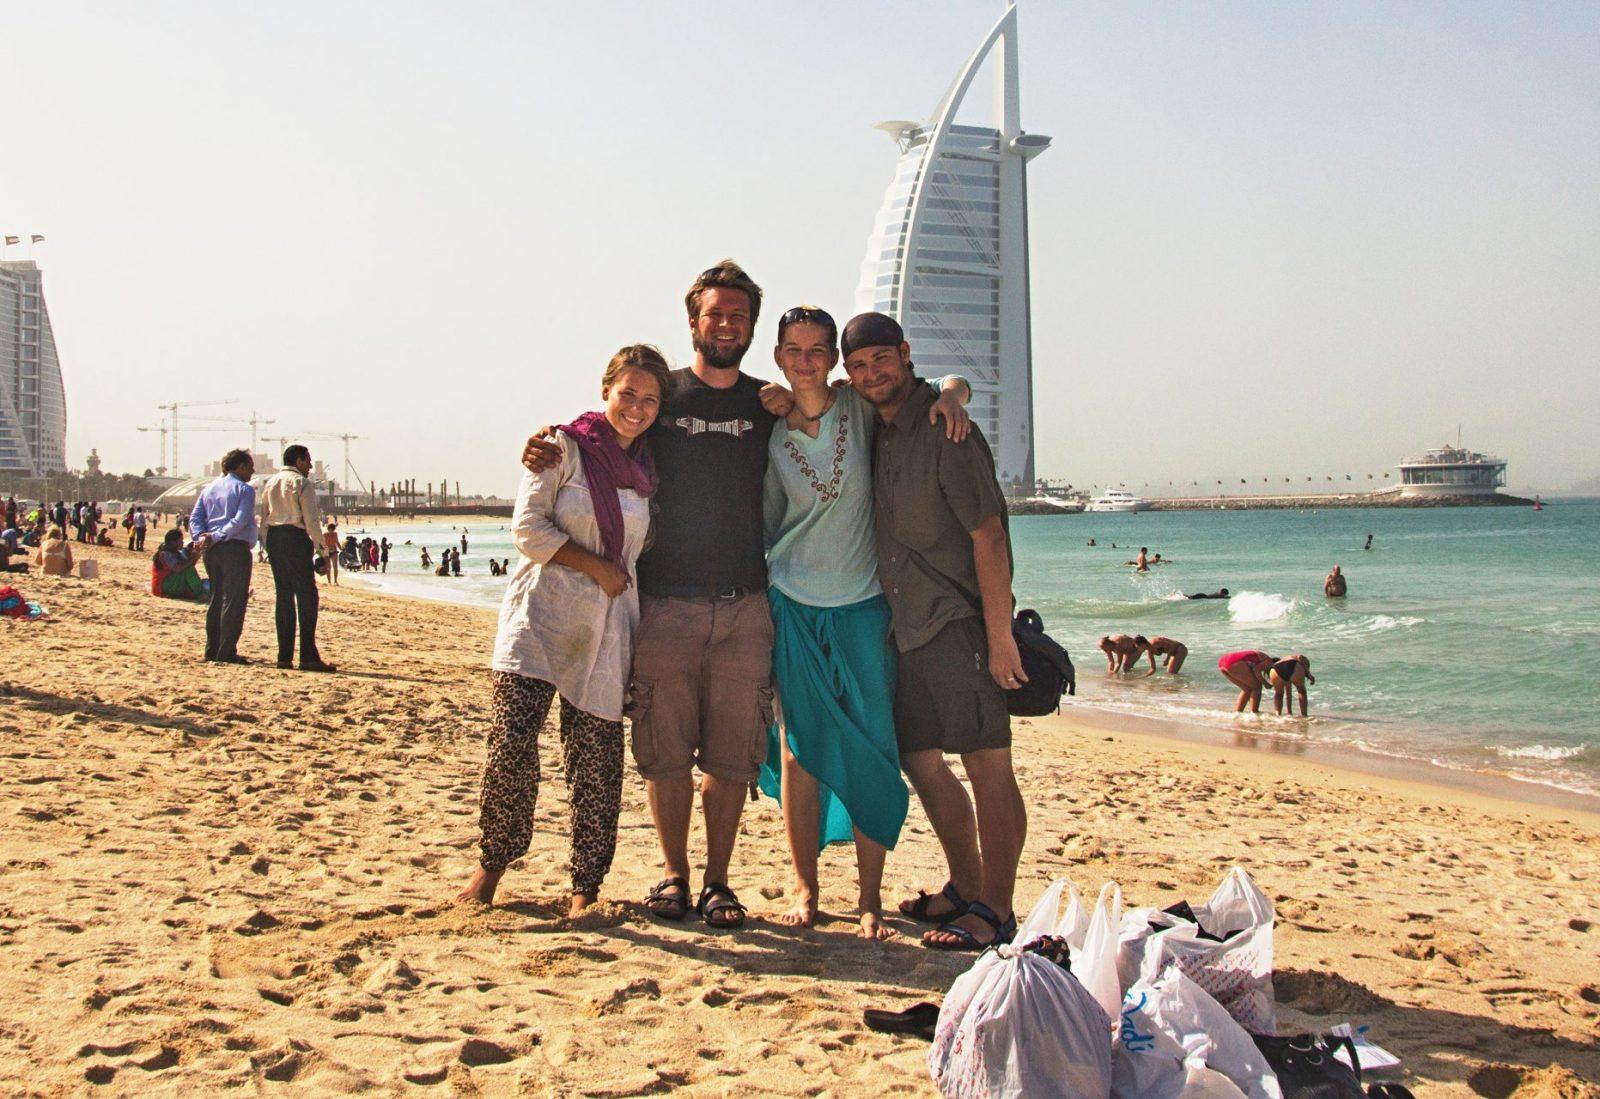 S Aniou a Janem jsme se potkali 2x v Íránu, společně přepluli do Emirátů a statečně tam přežili 3 dny díky vzájemné morální podpoře